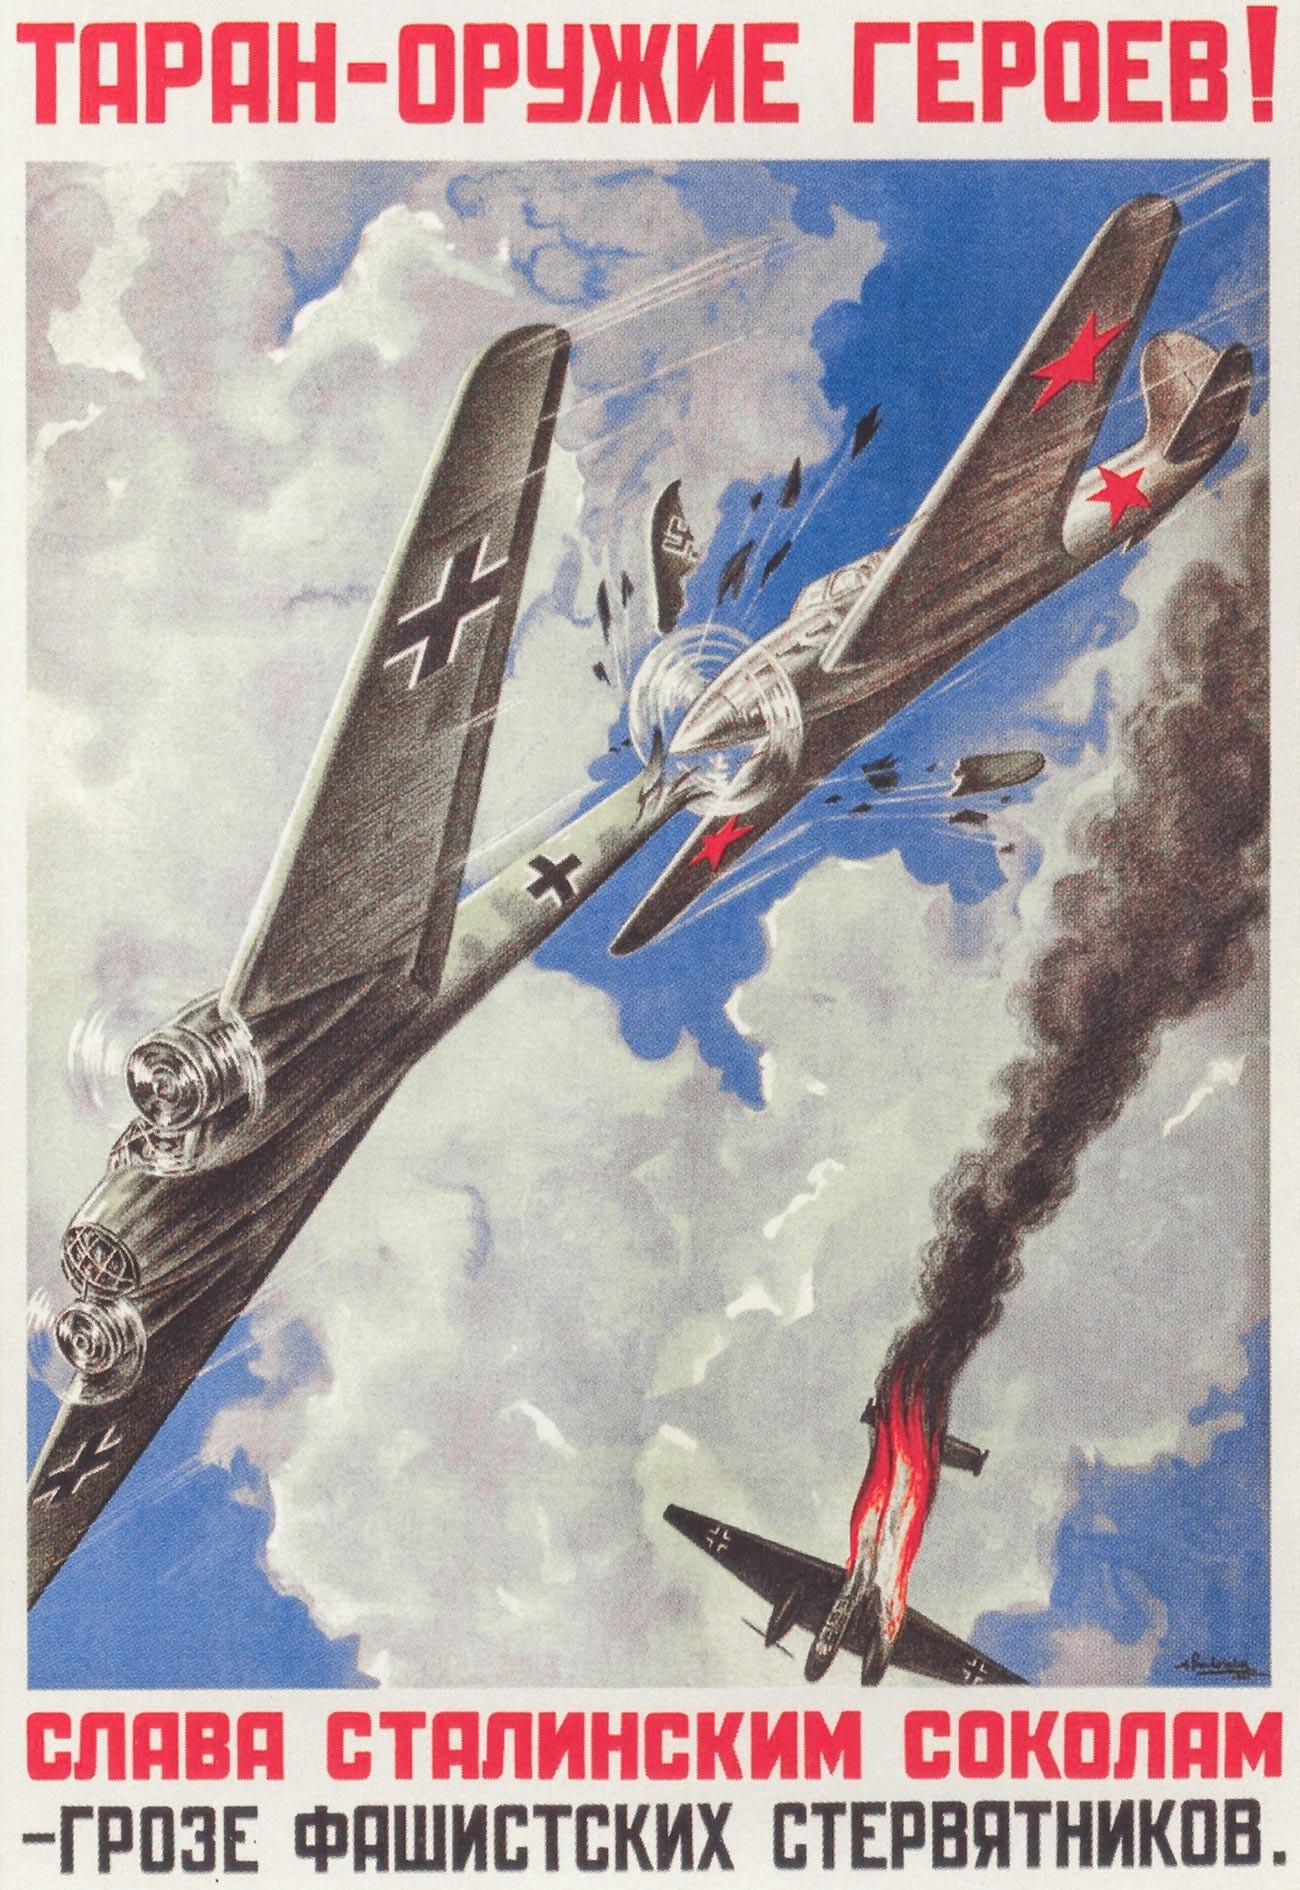 « Le taran [abordage aérien] est l'arme des héros ! Gloire aux faucons de Staline, terreur des vautours fachistes »